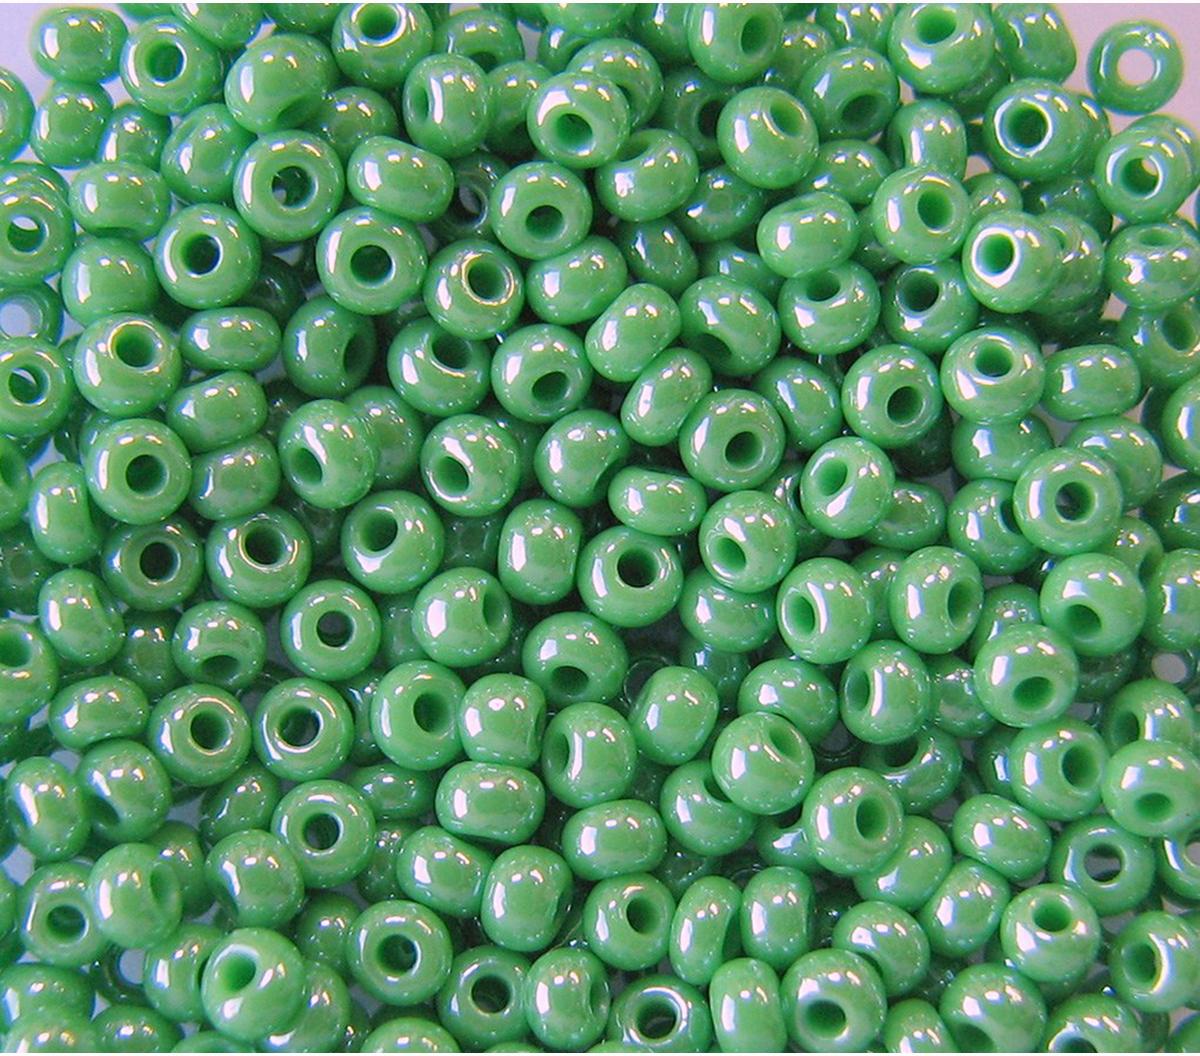 Бисер Preciosa, непрозрачный, глянцевый, цвет: светло-зеленый (58210), 10/0, 5 г бисер preciosa ассорти непрозрачный глянцевый цвет светло лиловый 03195 10 0 20 г